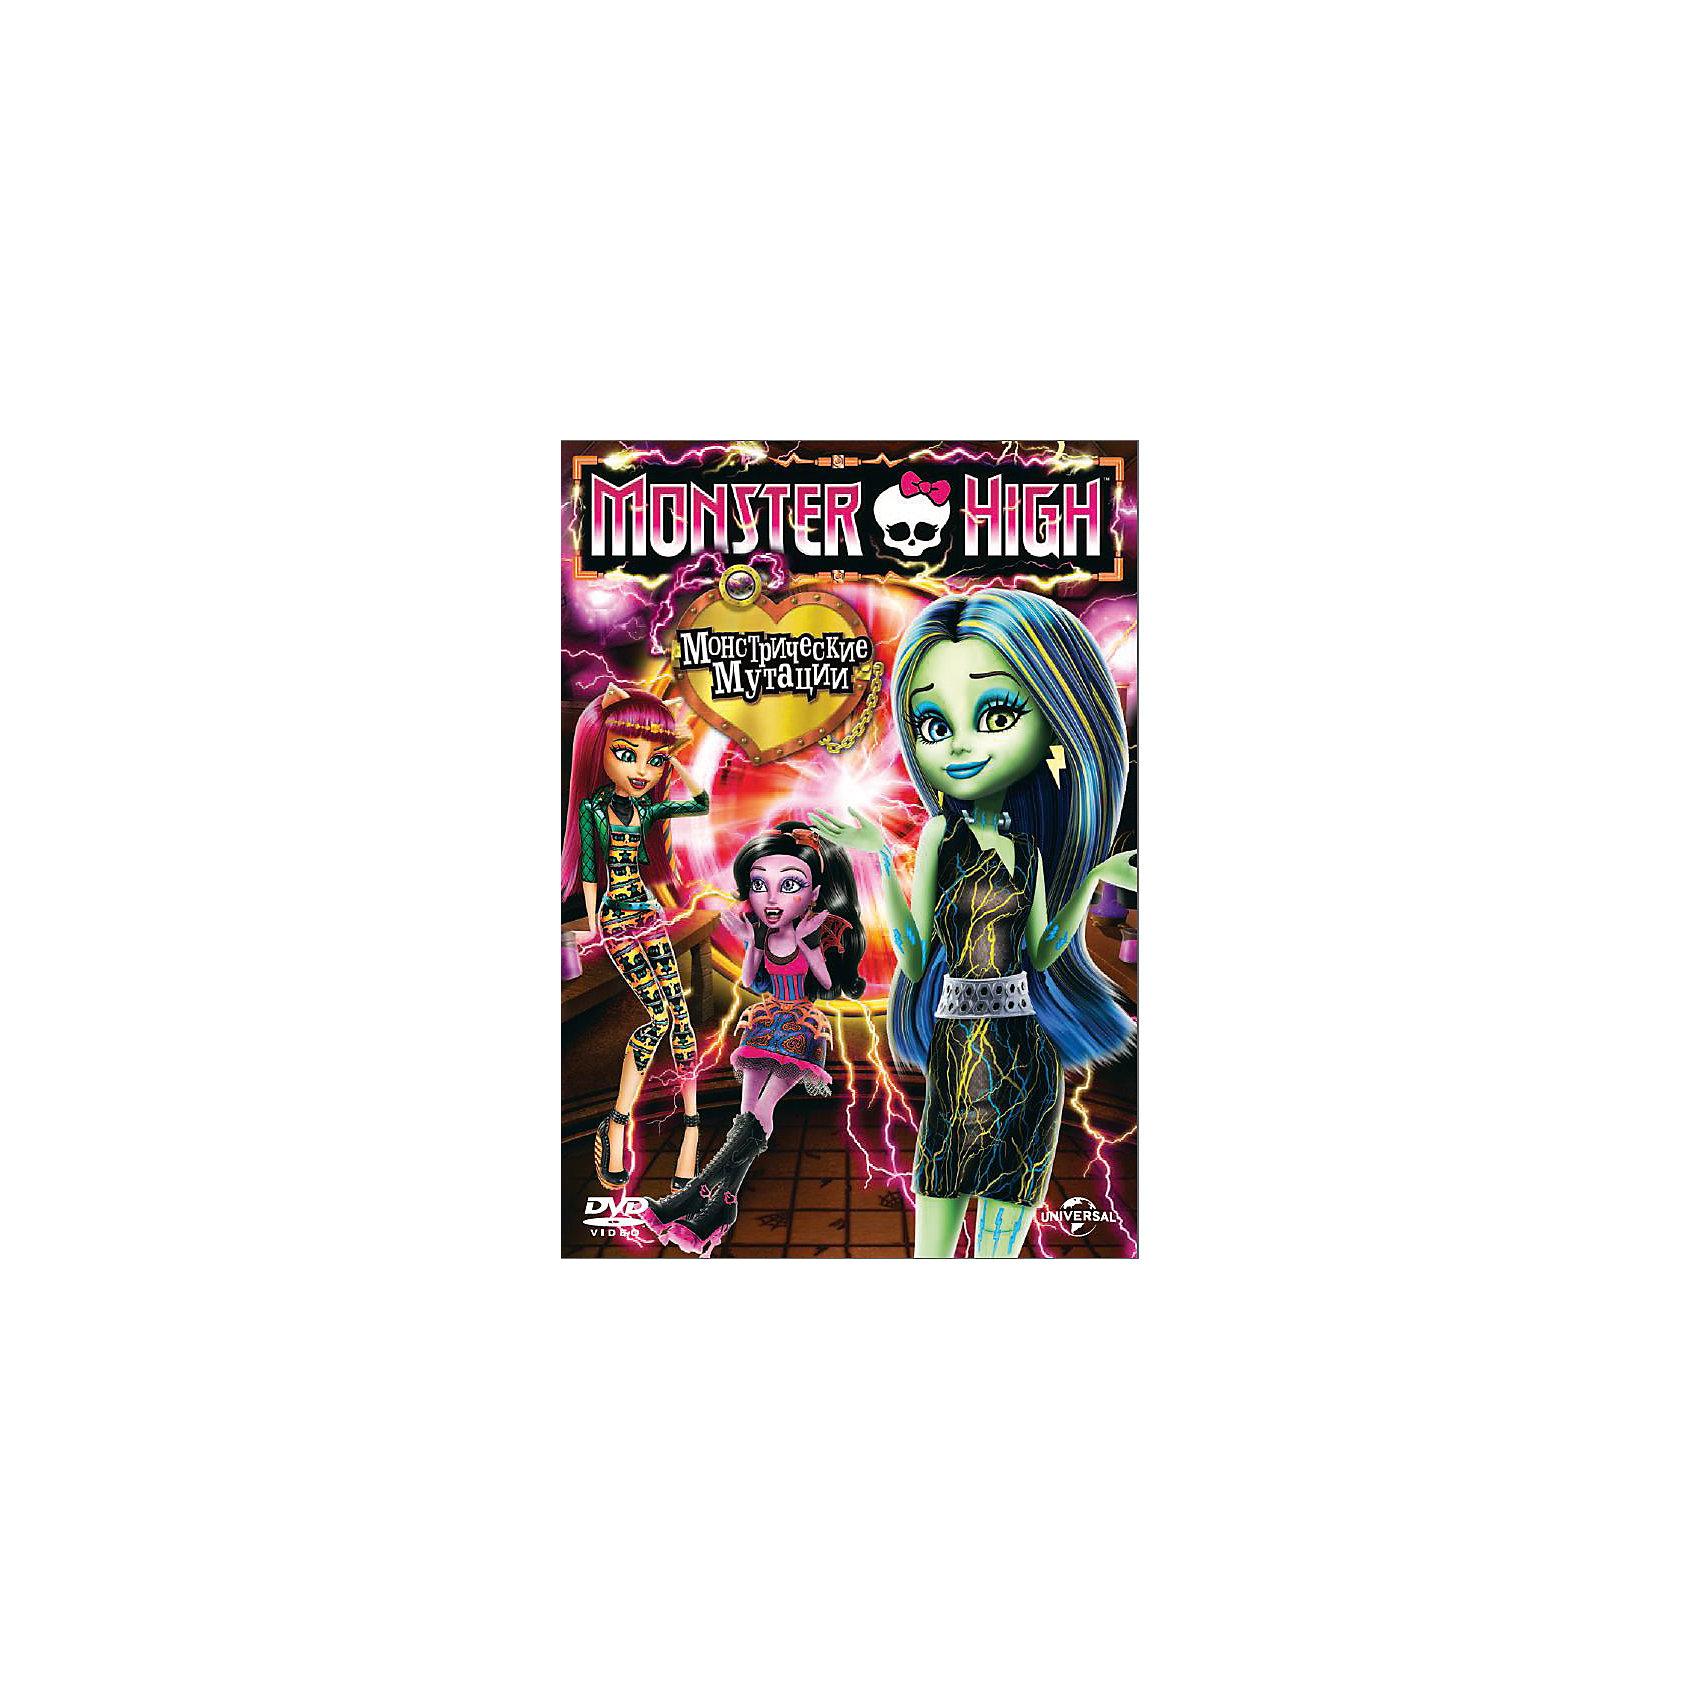 DVD Monster High: Монстрические мутацииМультфильм Monster High: Монстрические мутации - это новая серия популярного сериала Monster High (Школ монстров) о необычной школе, в которой учатся как обычные ученики, так и отпрыски всех известных человеческому миру монстров и привидений. Каждый из героев обладает какими-то мистическими способностями. В новой серии Фрэнки Штейн и ее подружки пытаются узнать как можно больше о своем великом монстрическом наследии и отправляются в прошлое - в день открытия Школы Монстров. Там они знакомятся со Спарки, которая одержима созданием новых монстров. Но когда Спарки проходит вслед за девочками через временной портал, случается непредвиденное - восемь подруг сливаются в пары, превратившись в четырех монстров-гибридов. Теперь им предстоит объединить усилия, чтобы контролировать свои новые тела на большом Юбилейном представлении и не позволить экспериментам Спарки окончательно разрушить Школу Монстров.<br><br>Дополнительные материалы:<br><br>- Внутренний монстр 1.0<br>- Внутренний монстр 2.0<br>- Мальчики, вперед! <br><br>Дополнительная информация:<br><br>- Оригинальное название: Monster High: Freaky Fusion.<br>- Производство: США, 2014 г.<br>- Год выпуска издания: 2014 г.<br>- Режиссер: Уилл Лау. <br>- Длительность: 67 мин.<br>- Русский дубляж 5.1 Dolby Digital.<br>- Возраст: 6+. <br>- Упаковка: DVD-box.<br>- Размер упаковки: 13,5 х 19 х 1,3 см.<br>- Вес: 95 гр.<br><br>DVD Monster High: Монстрические мутации (Монстр Хай) можно купить в нашем интернет-магазине.<br><br>Ширина мм: 135<br>Глубина мм: 190<br>Высота мм: 13<br>Вес г: 95<br>Возраст от месяцев: 72<br>Возраст до месяцев: 192<br>Пол: Унисекс<br>Возраст: Детский<br>SKU: 4136664